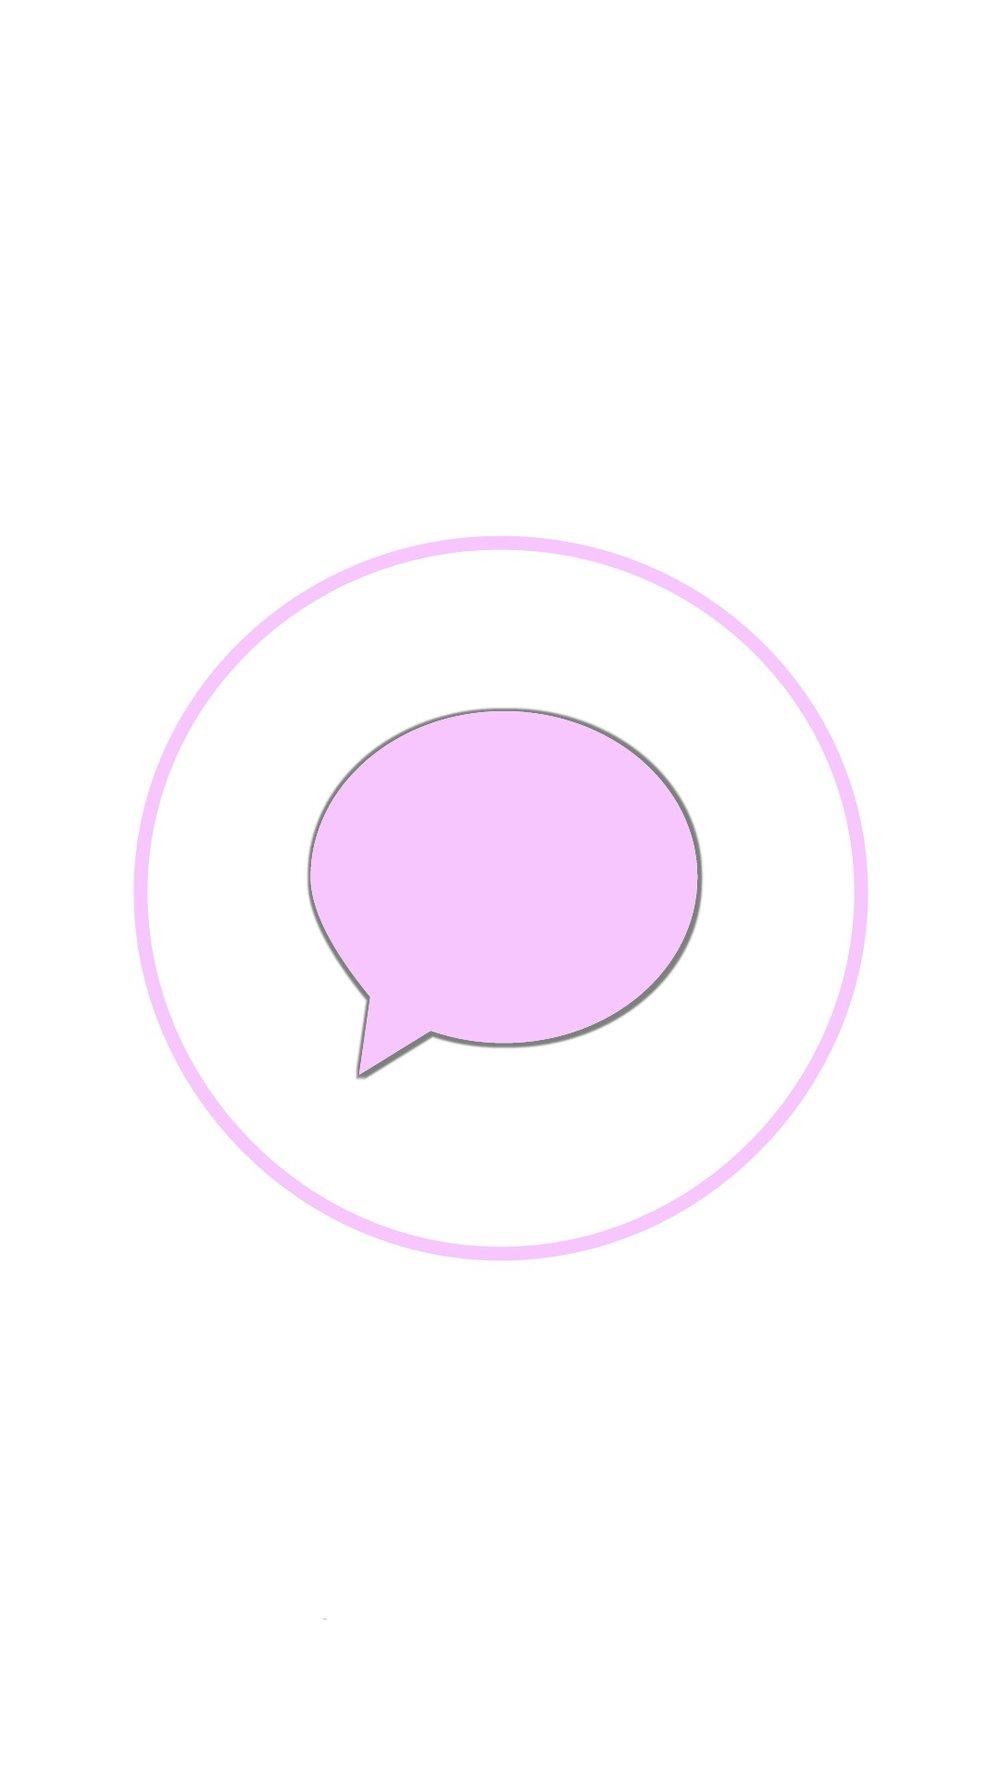 Instagram-cover-chat-pinkwhite-lotnotes.com.jpg